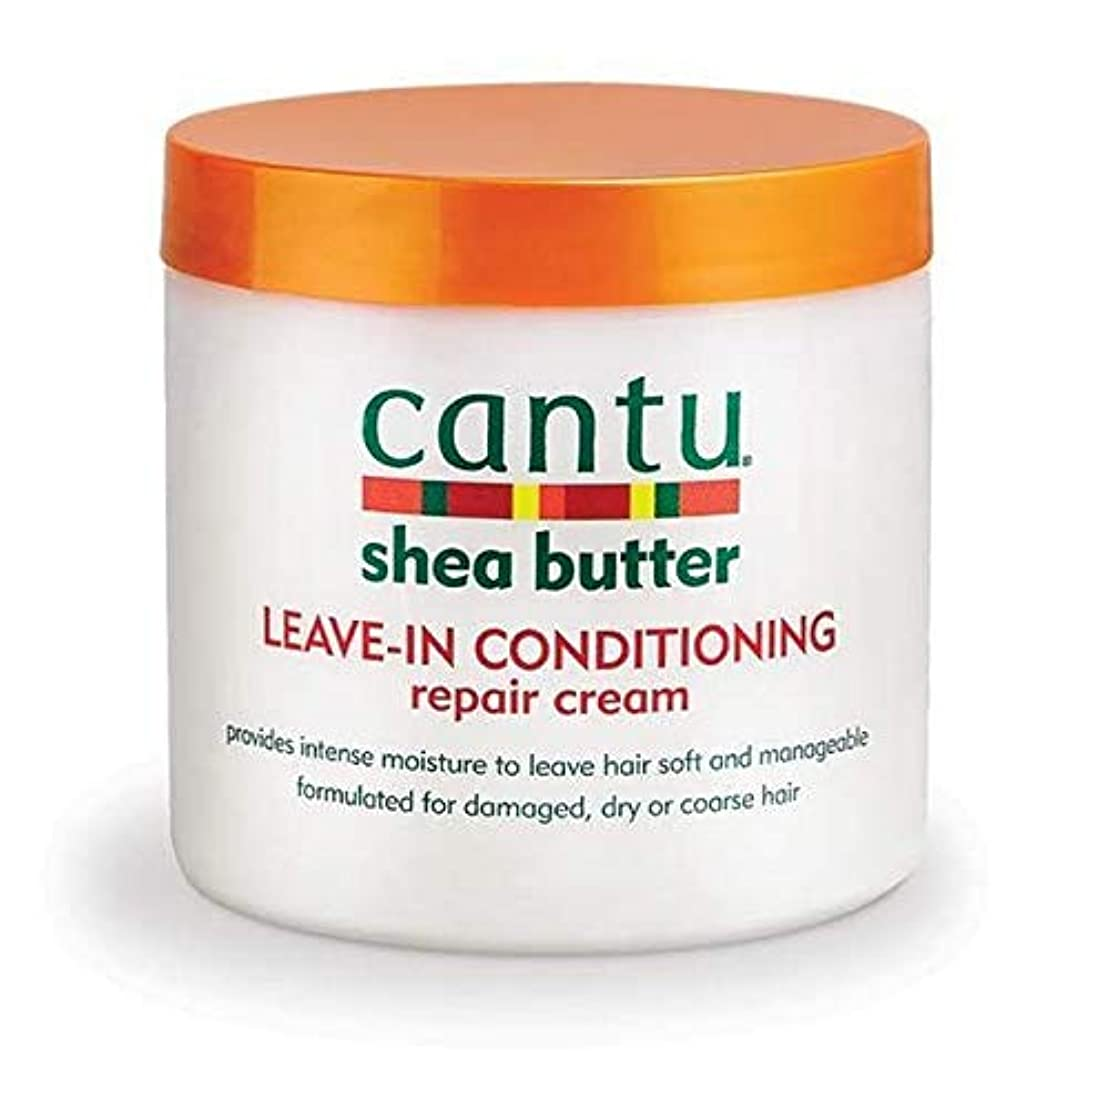 迅速ビジュアル鉱石[Cantu ] エアコン修理クリーム453グラムでカントゥシアバター休暇 - Cantu Shea Butter Leave in Conditioning Repair Cream 453g [並行輸入品]